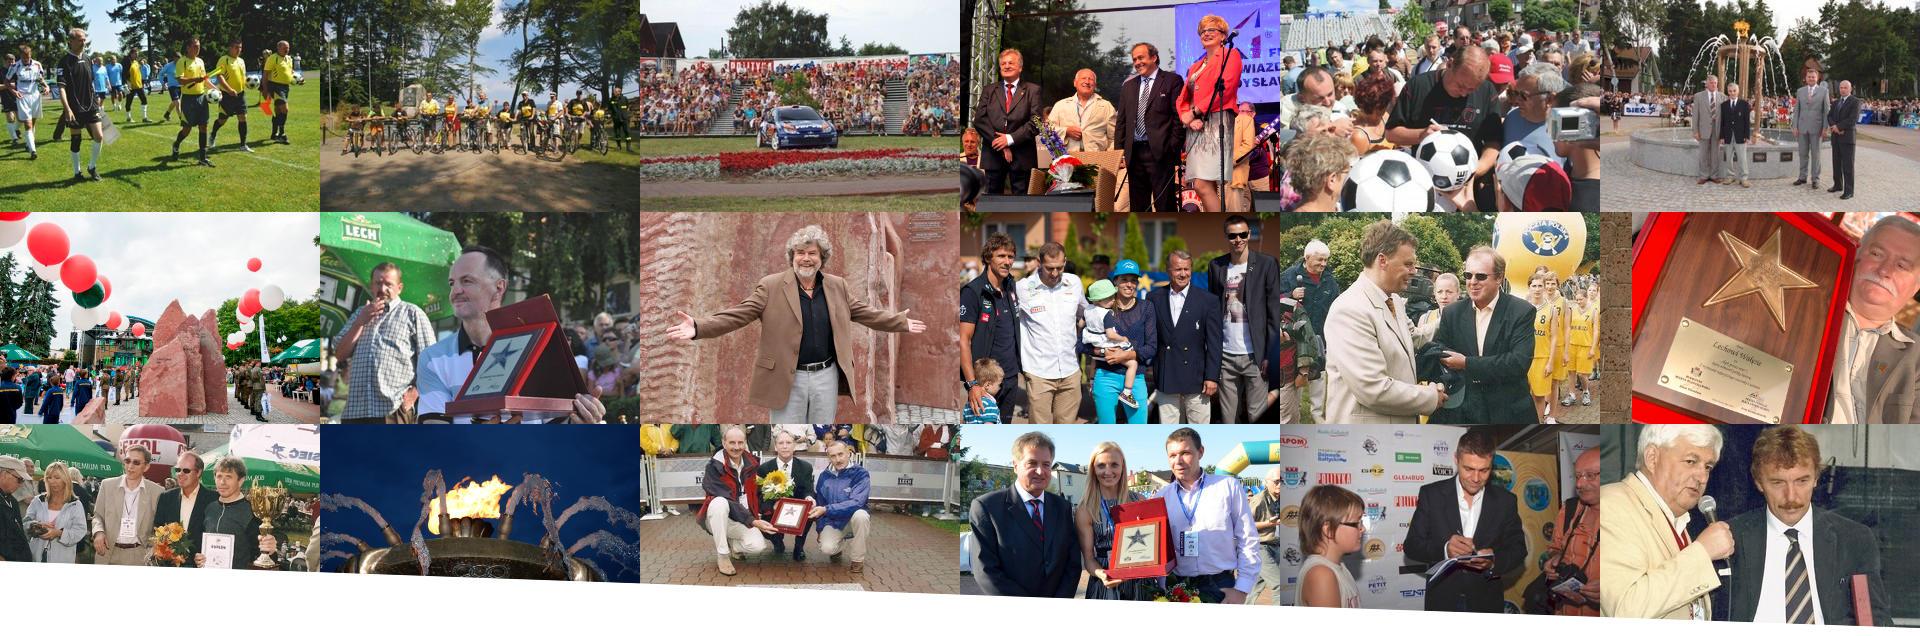 Fundacja Aleja Gwiazd Sportu - Władysławowo